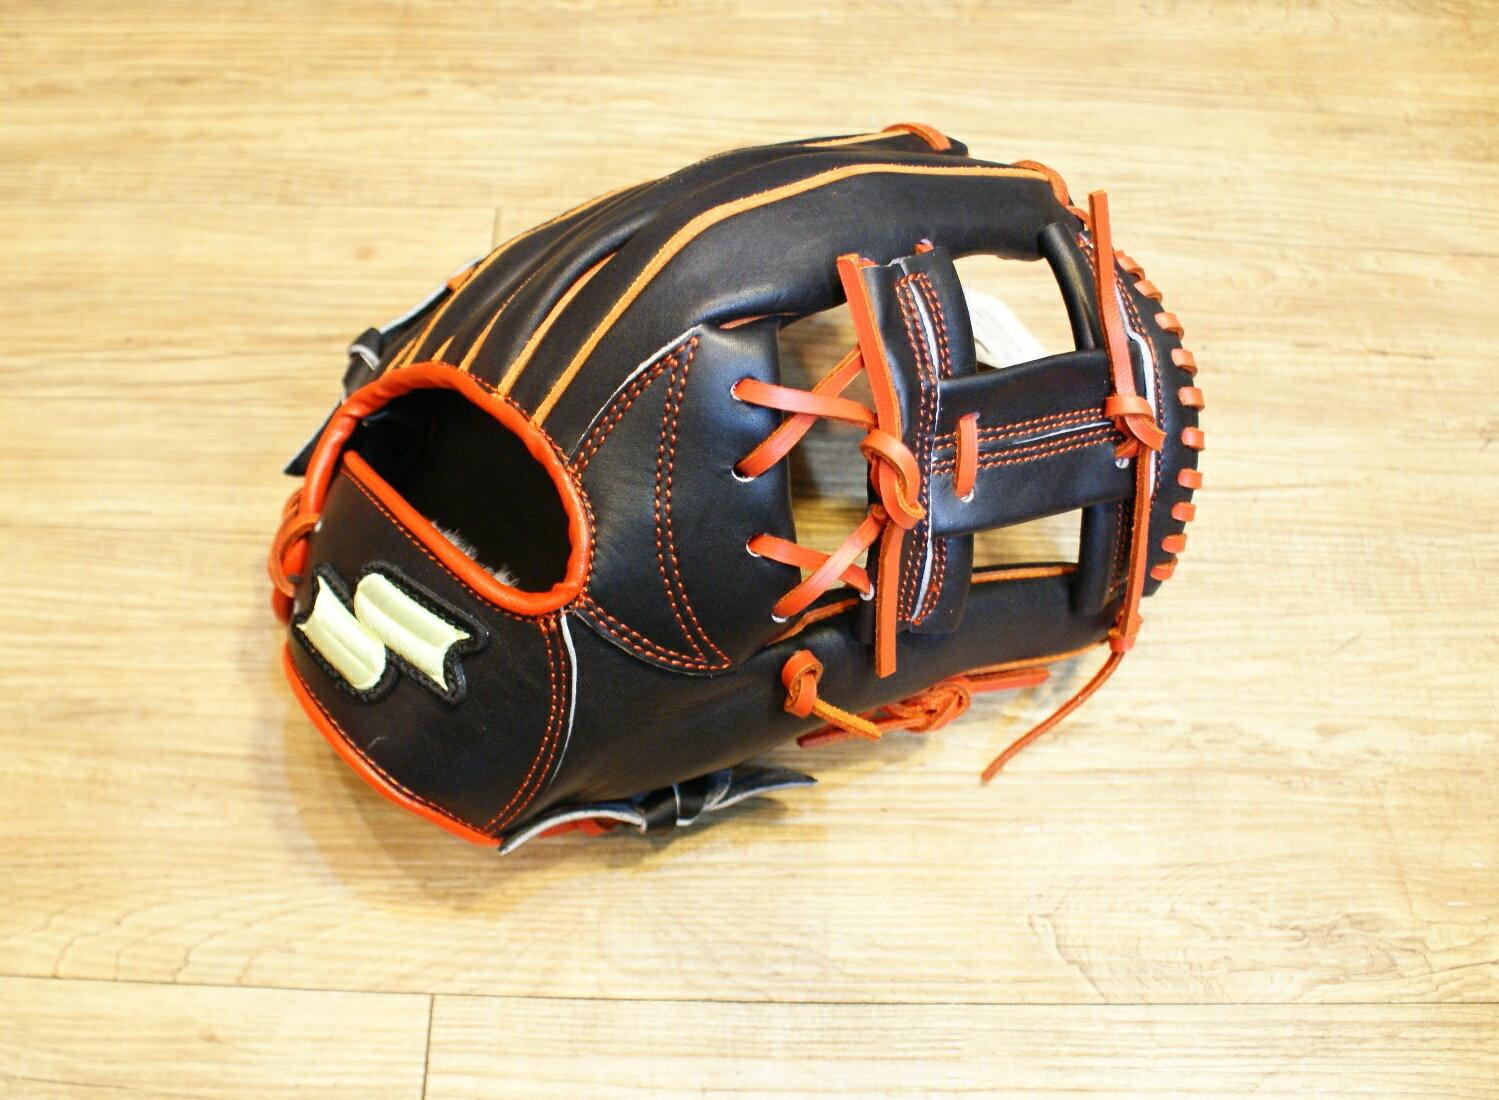 棒球世界 全新SSK黑橘配色棒壘球手套 特價 工字檔